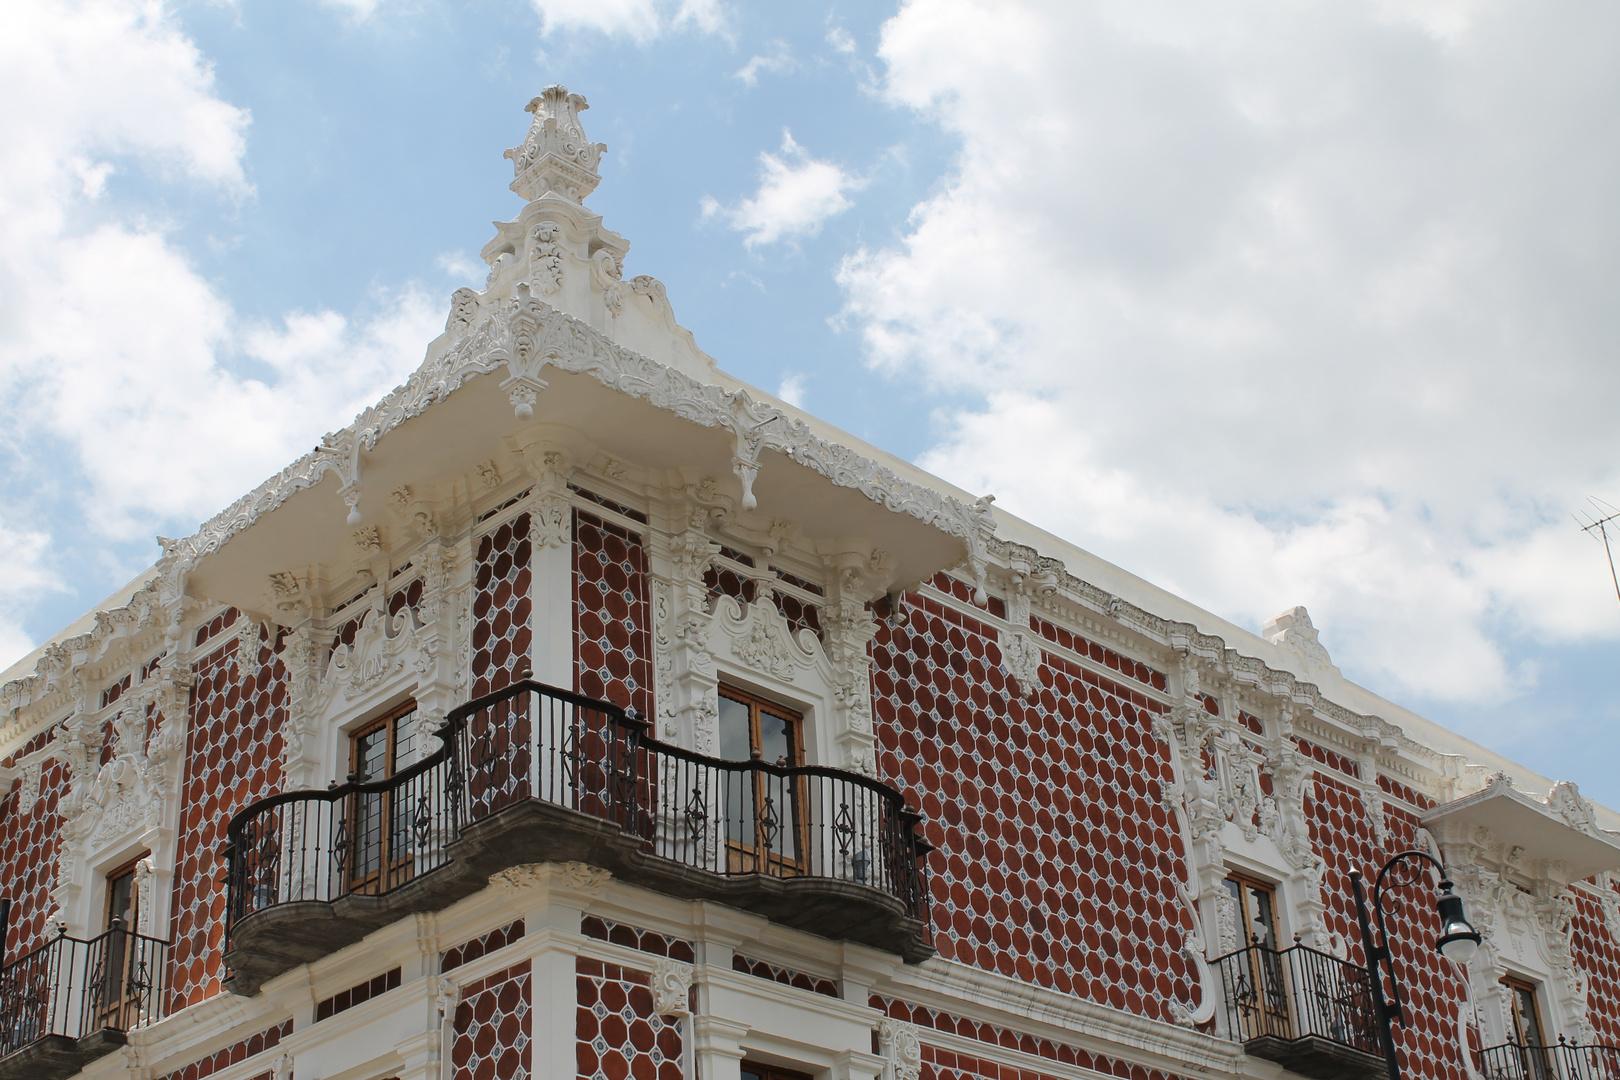 Que chula es Puebla!